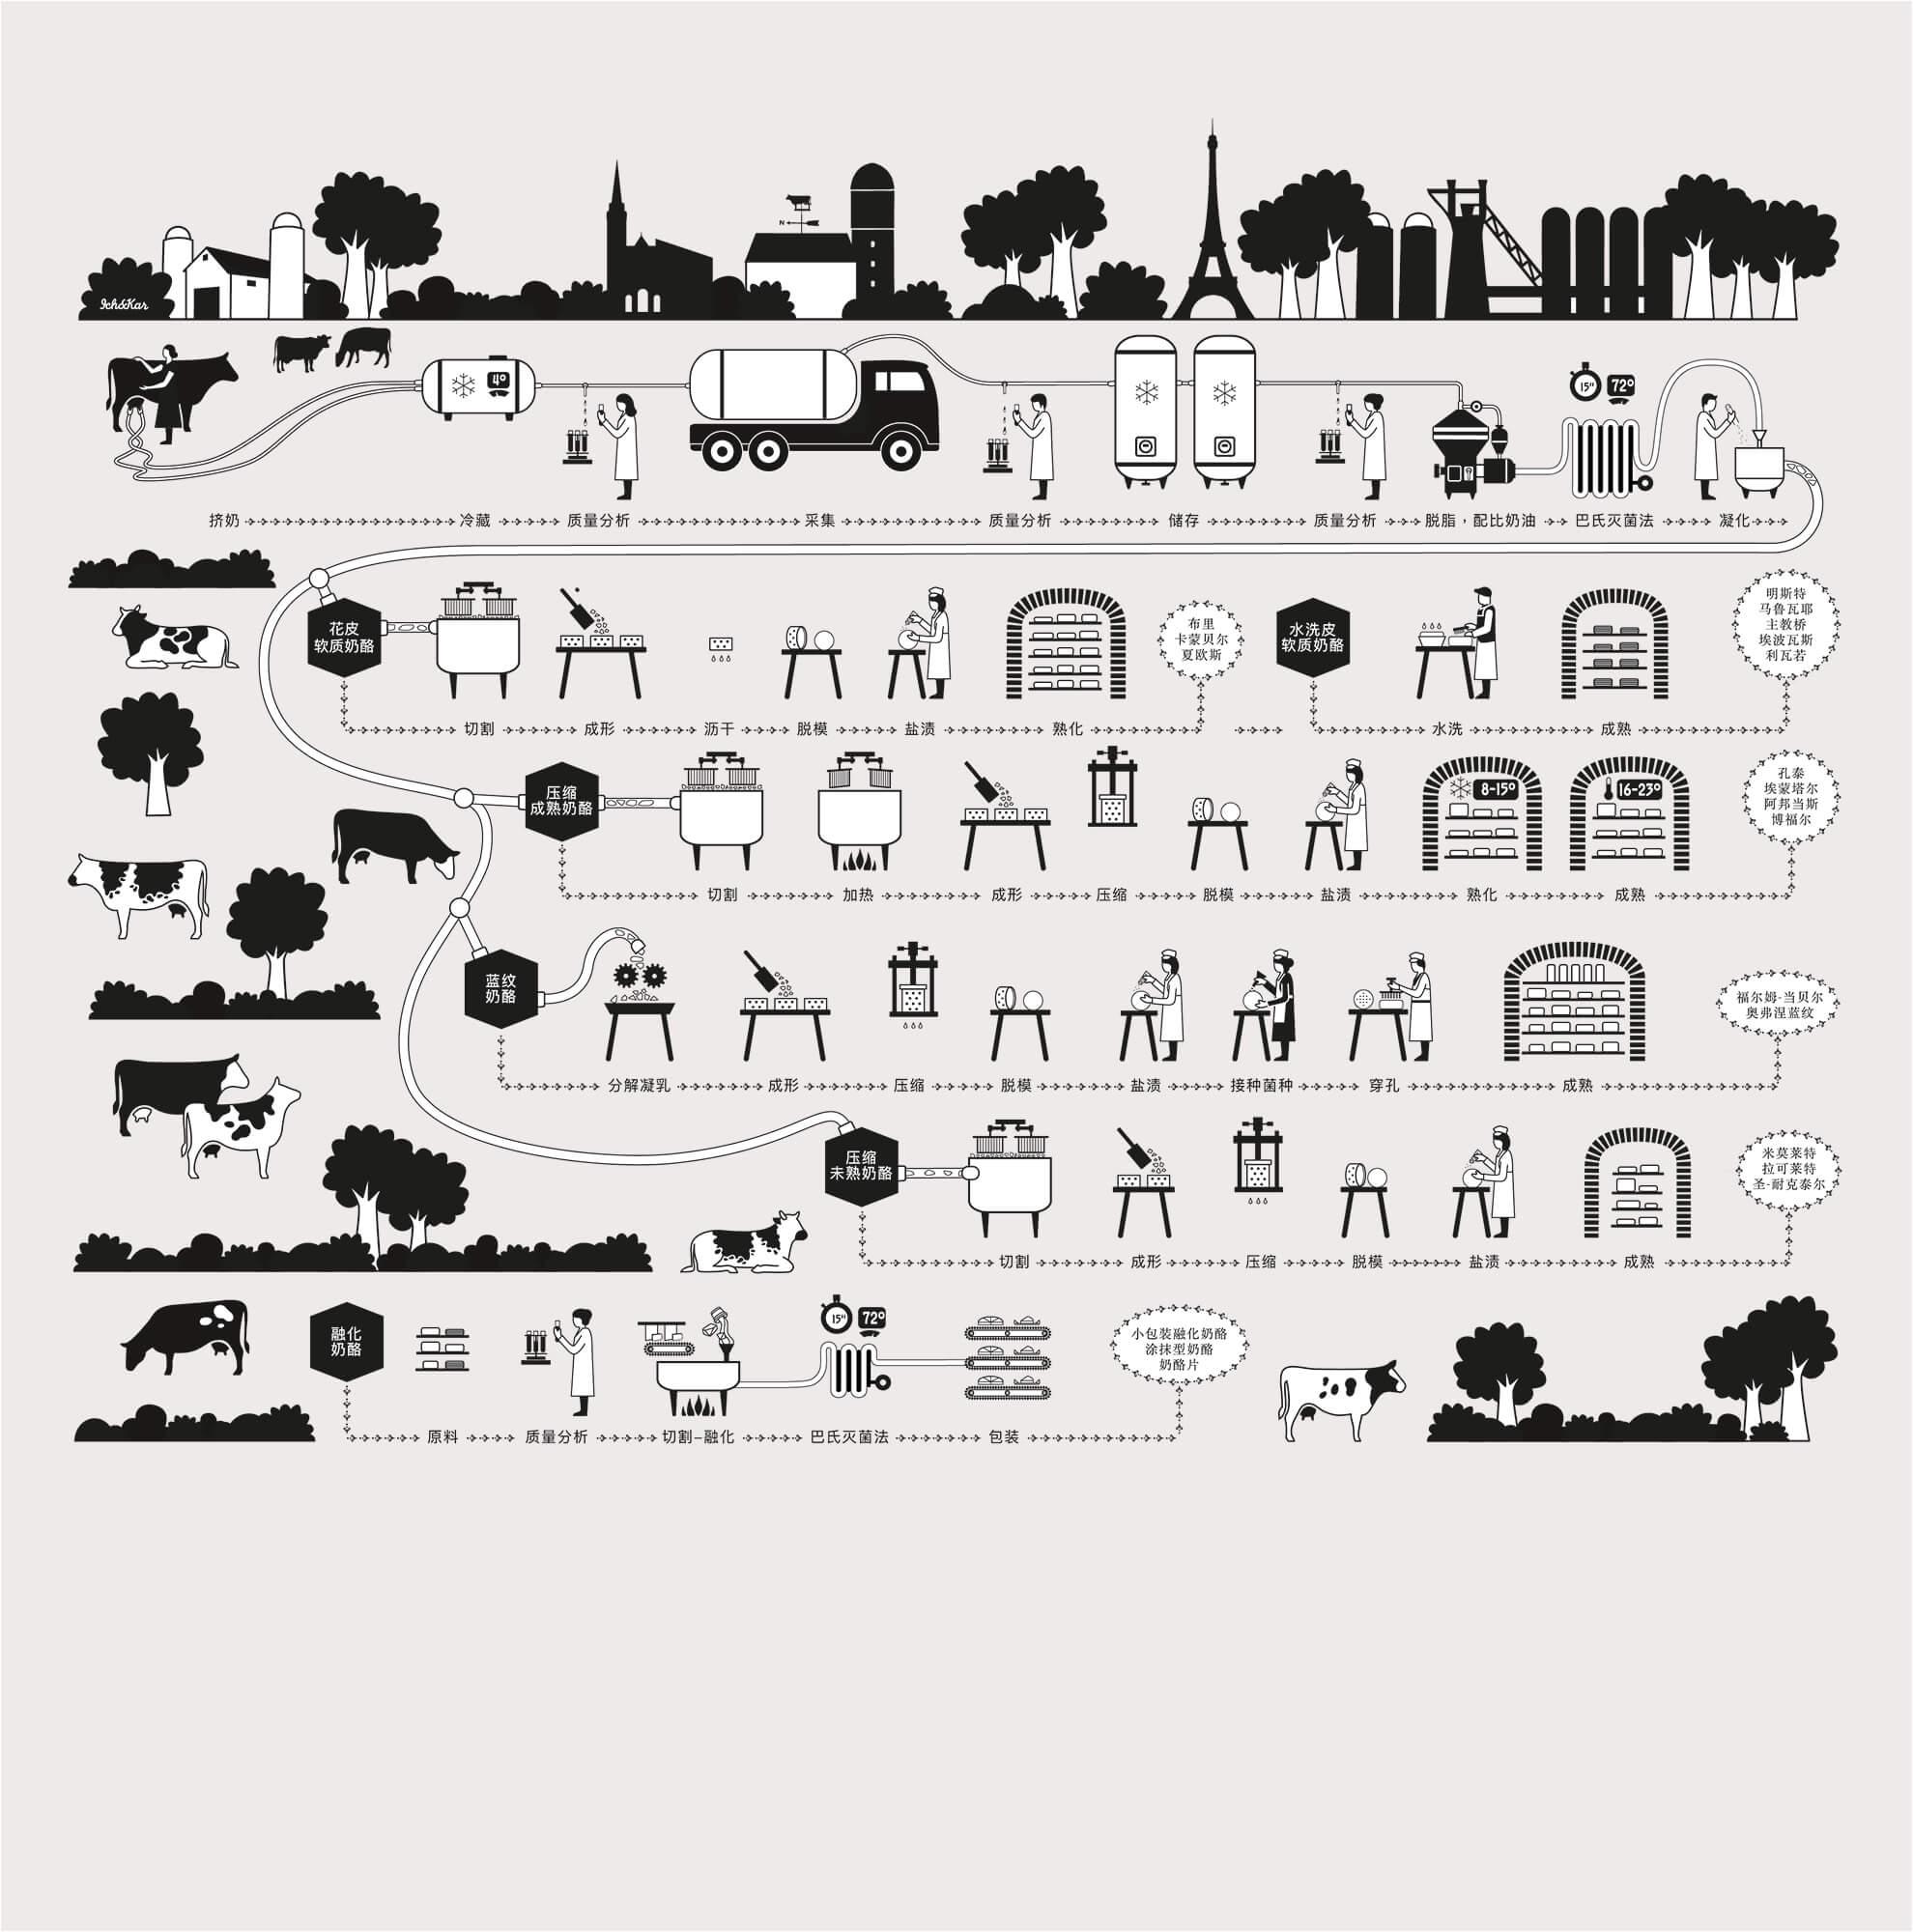 illustrations pédagogiques autour du fromage français sur les murs du concept-store chinois La crèmerie, dessiné par Ich&Kar